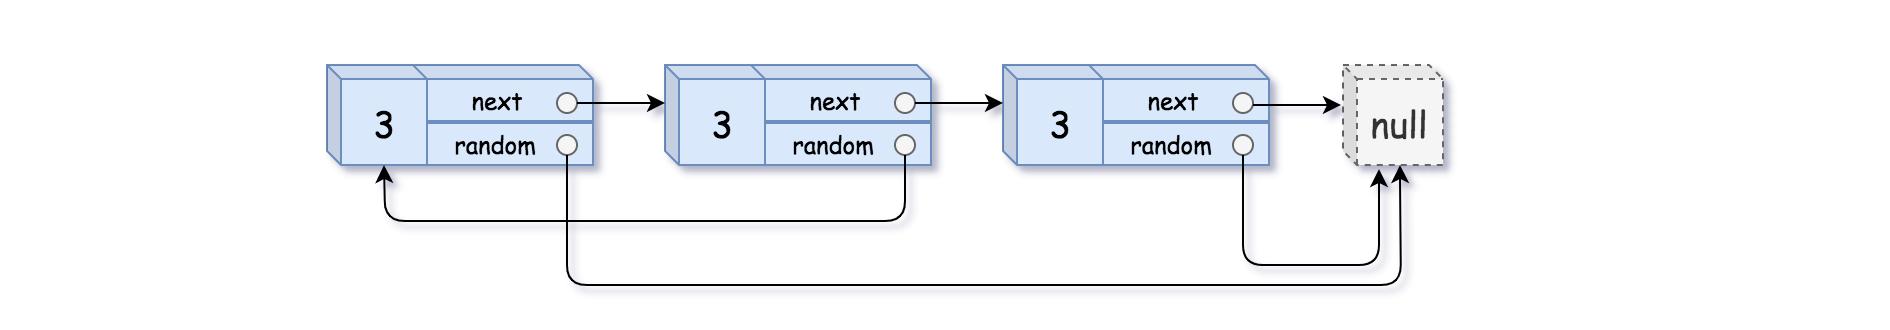 leetcode 138 复制带随机指针的链表